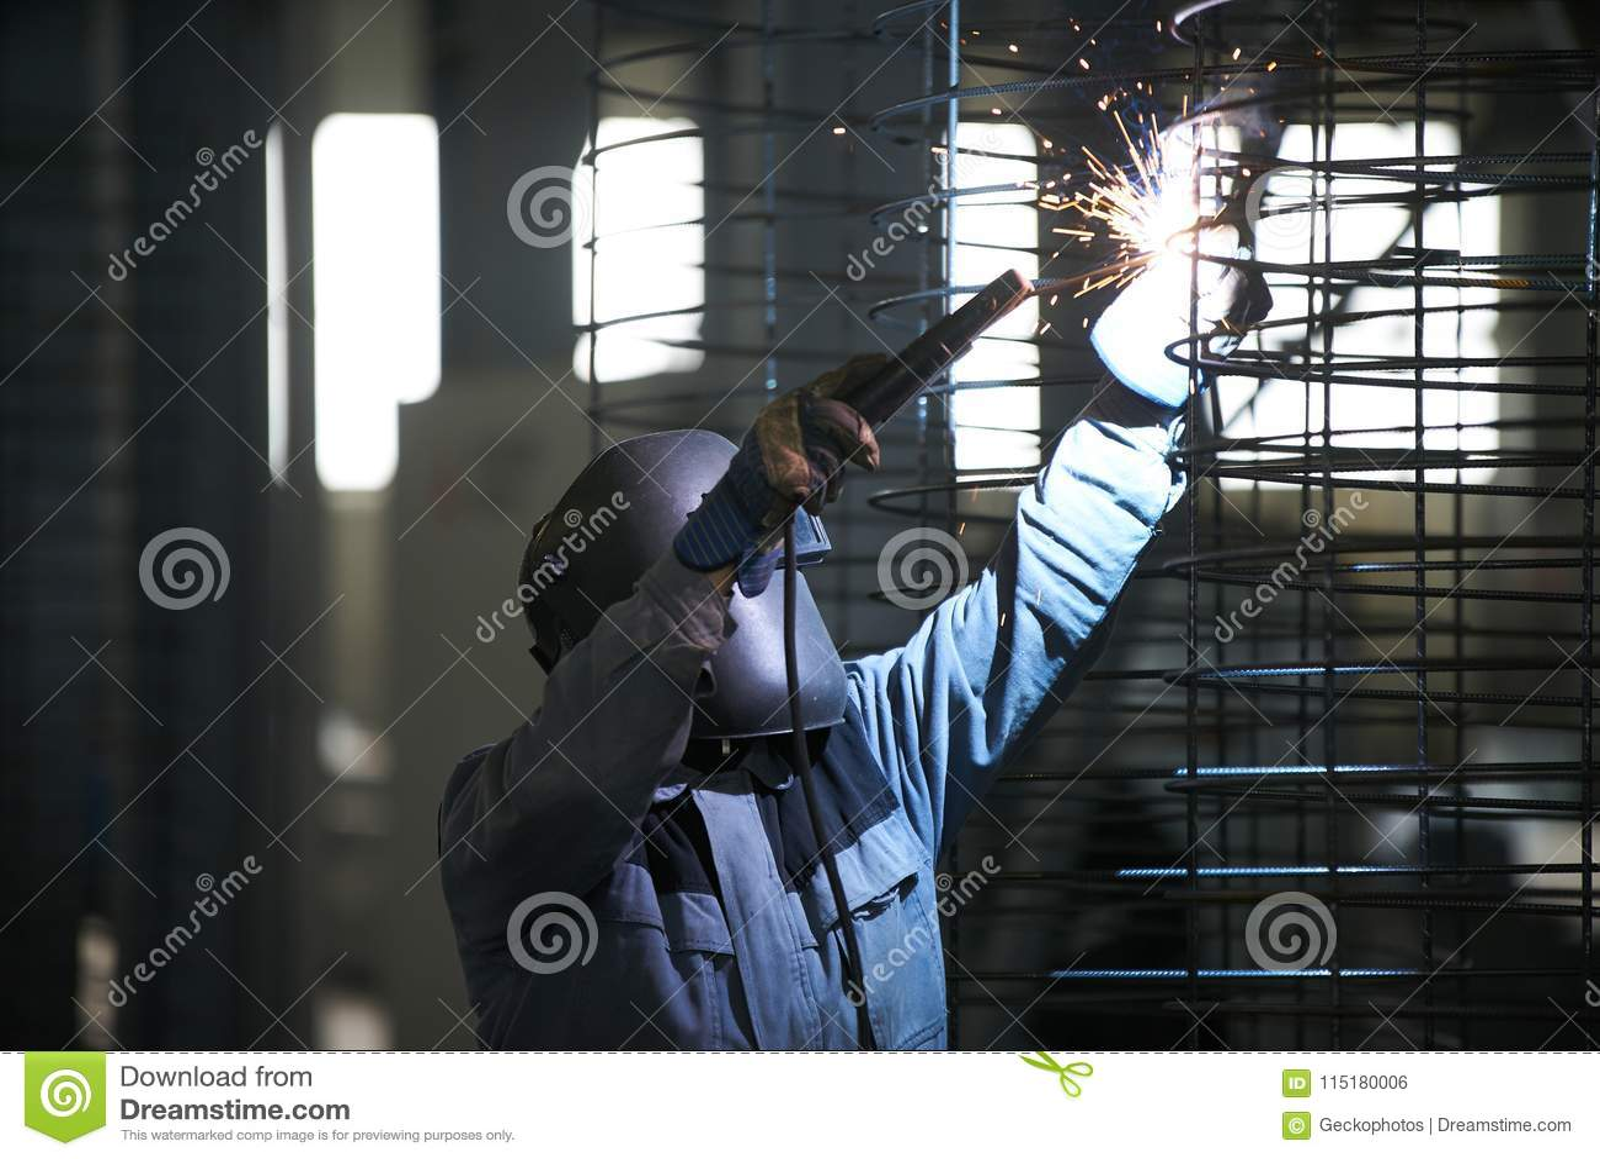 Soldas do homem do soldador na fábrica